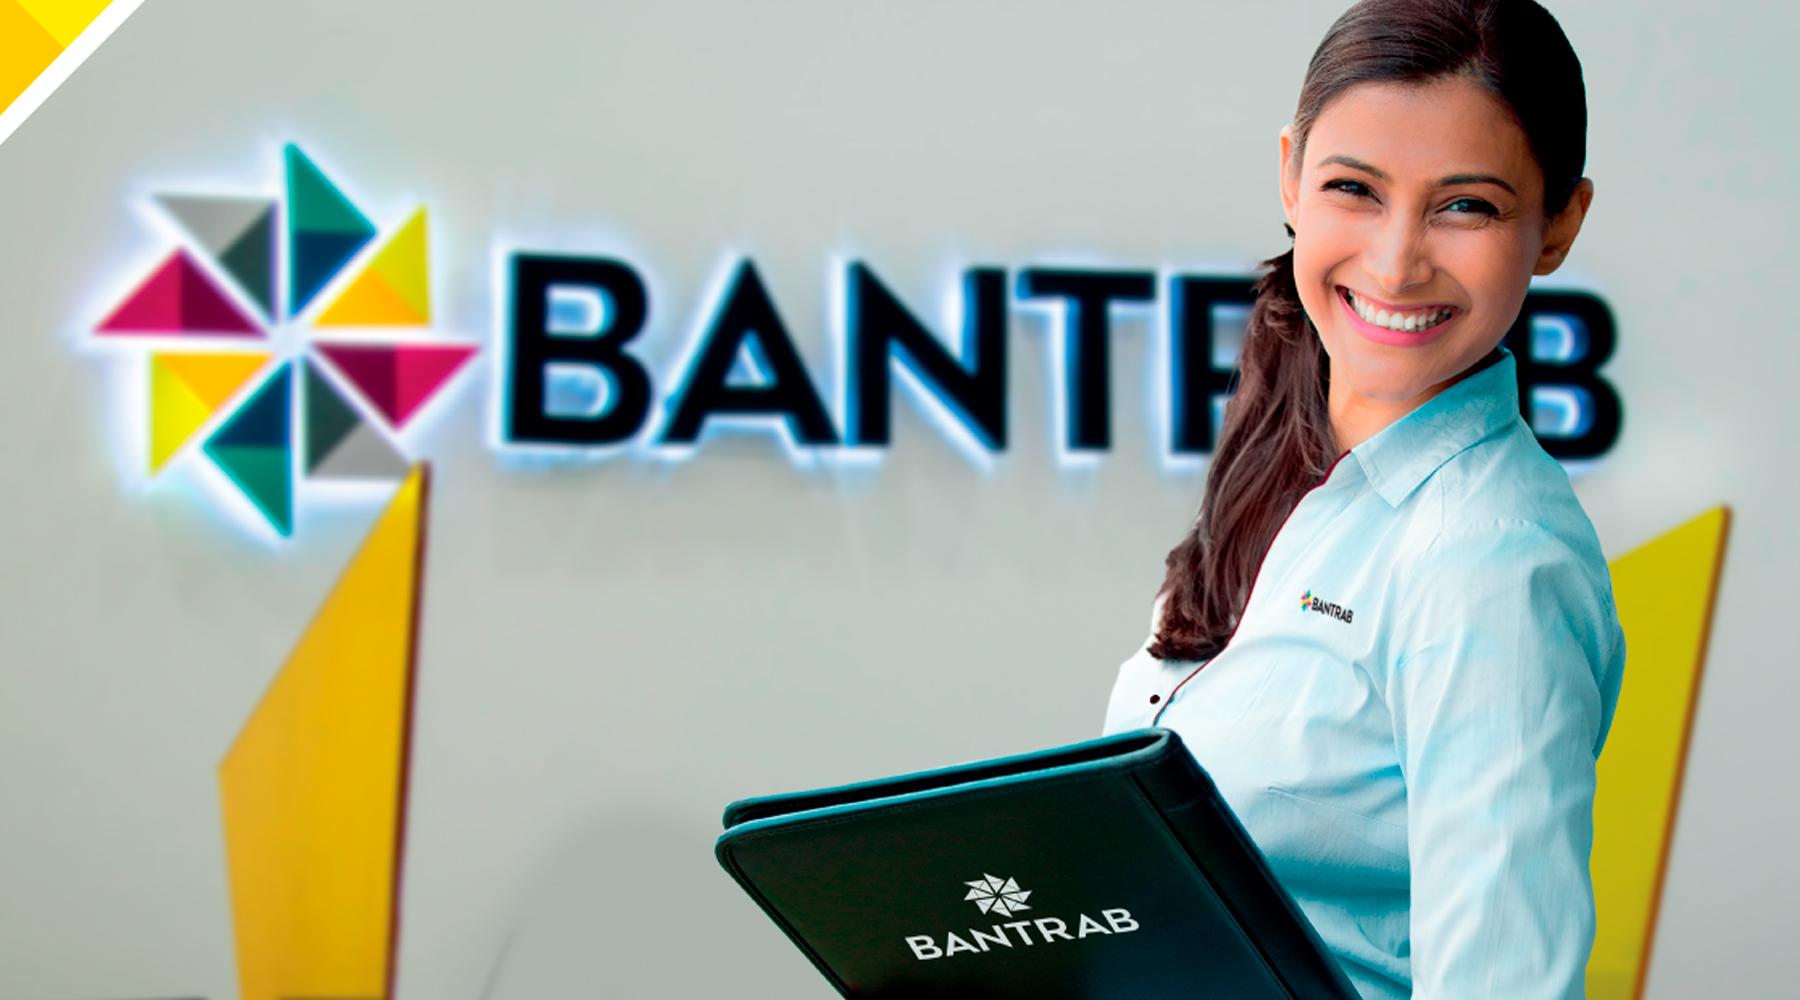 Trabajos-en-BANTRAB-Guatemala-El-Aplicante